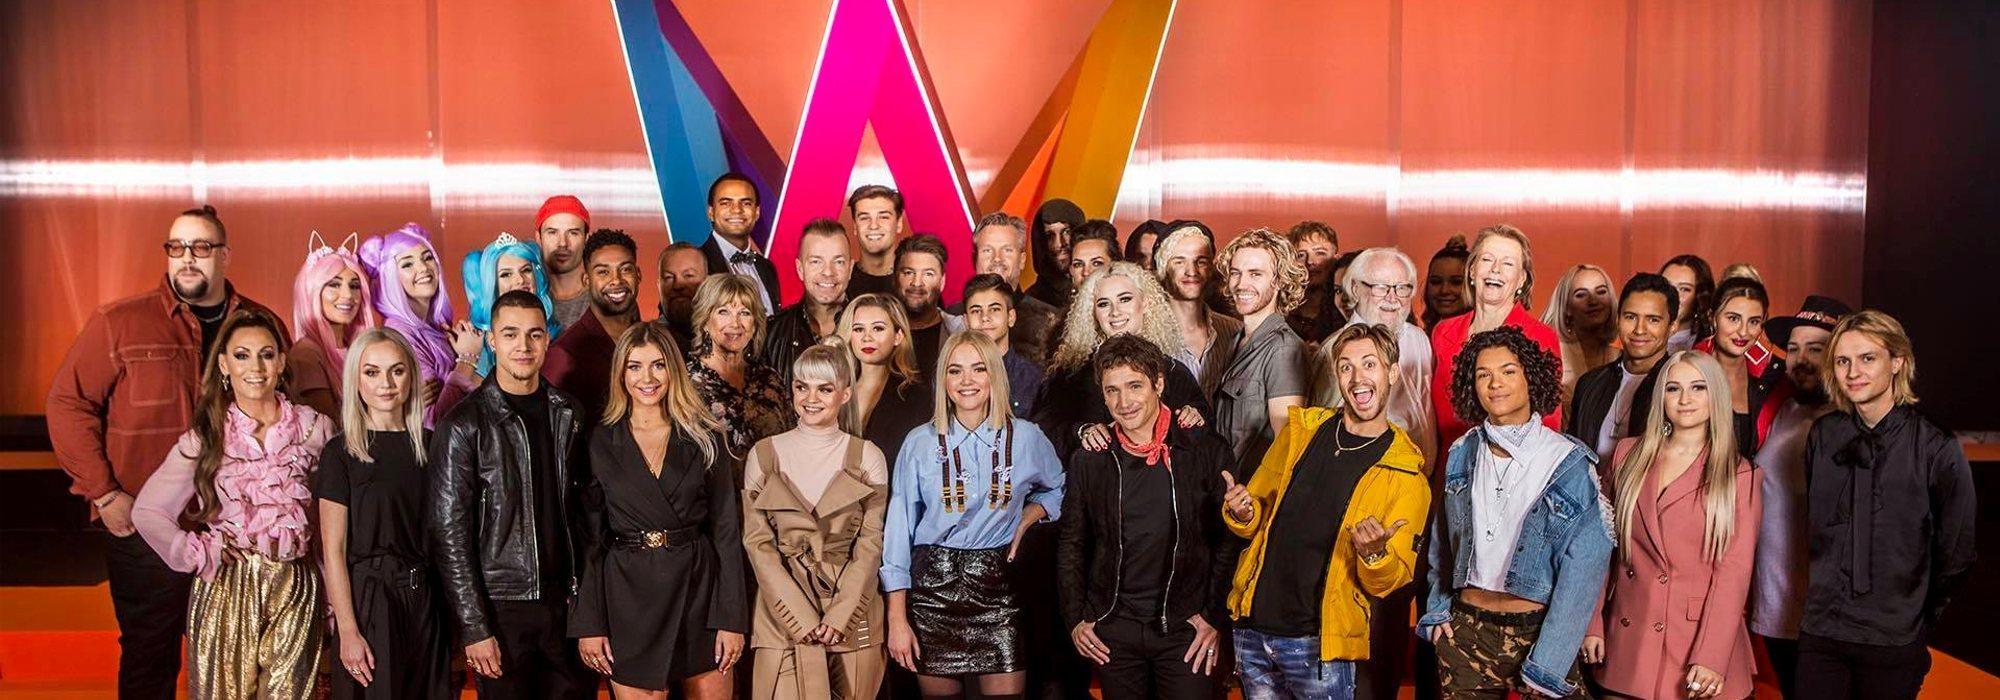 'Melodifestivalen 2019' desvela los artistas y compositores de una edición plagada de regresos